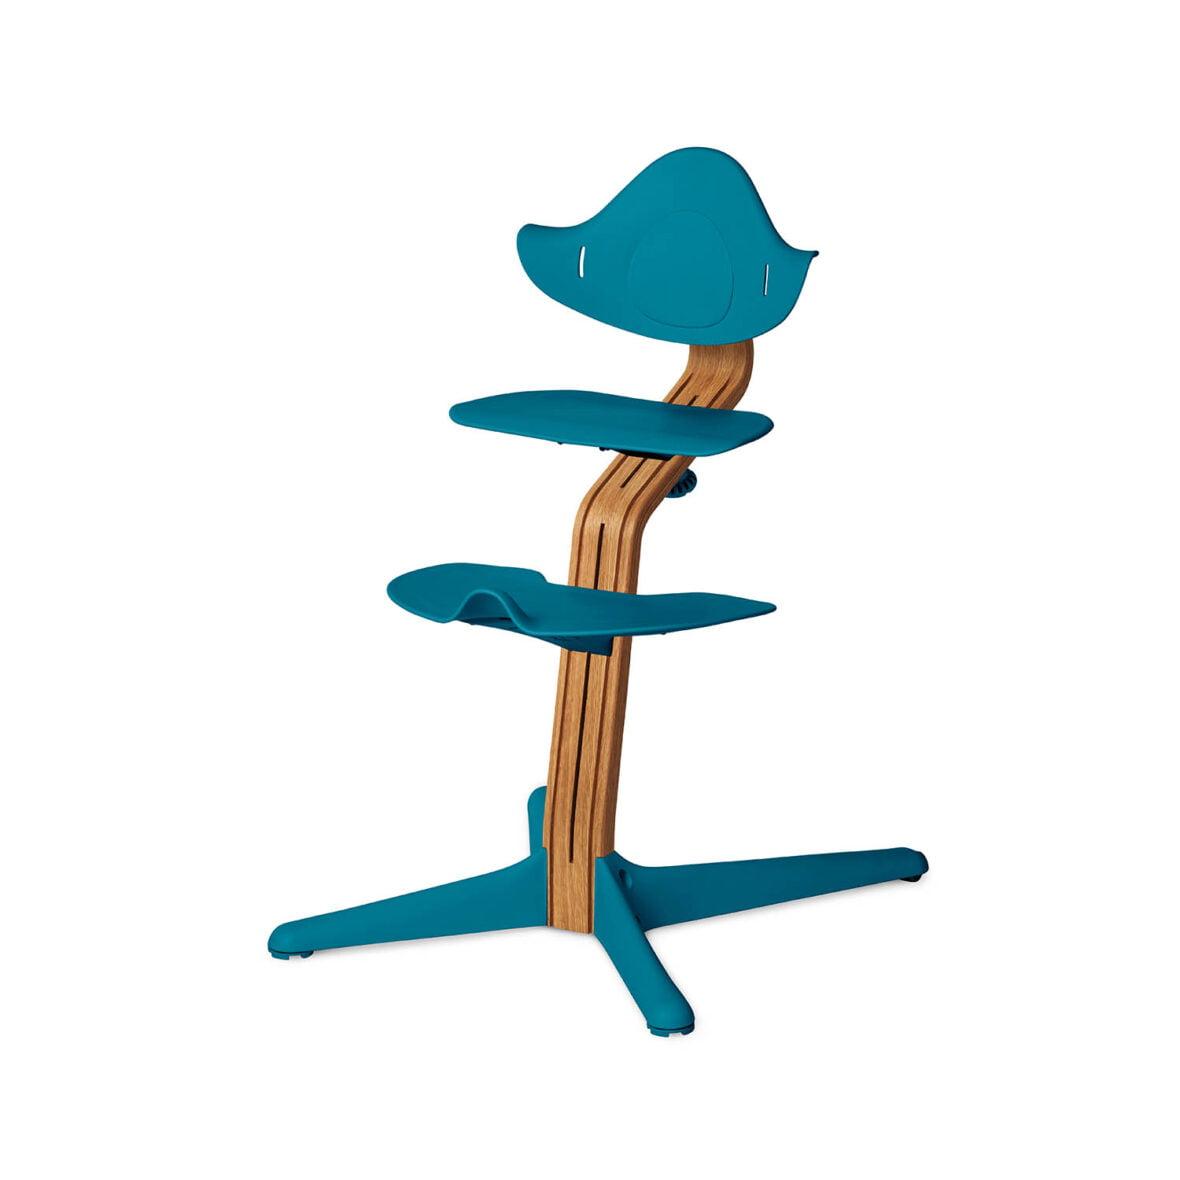 Nomi Dječja stolica, Ocean plava + Nomi Premium baza Uljeni hrast